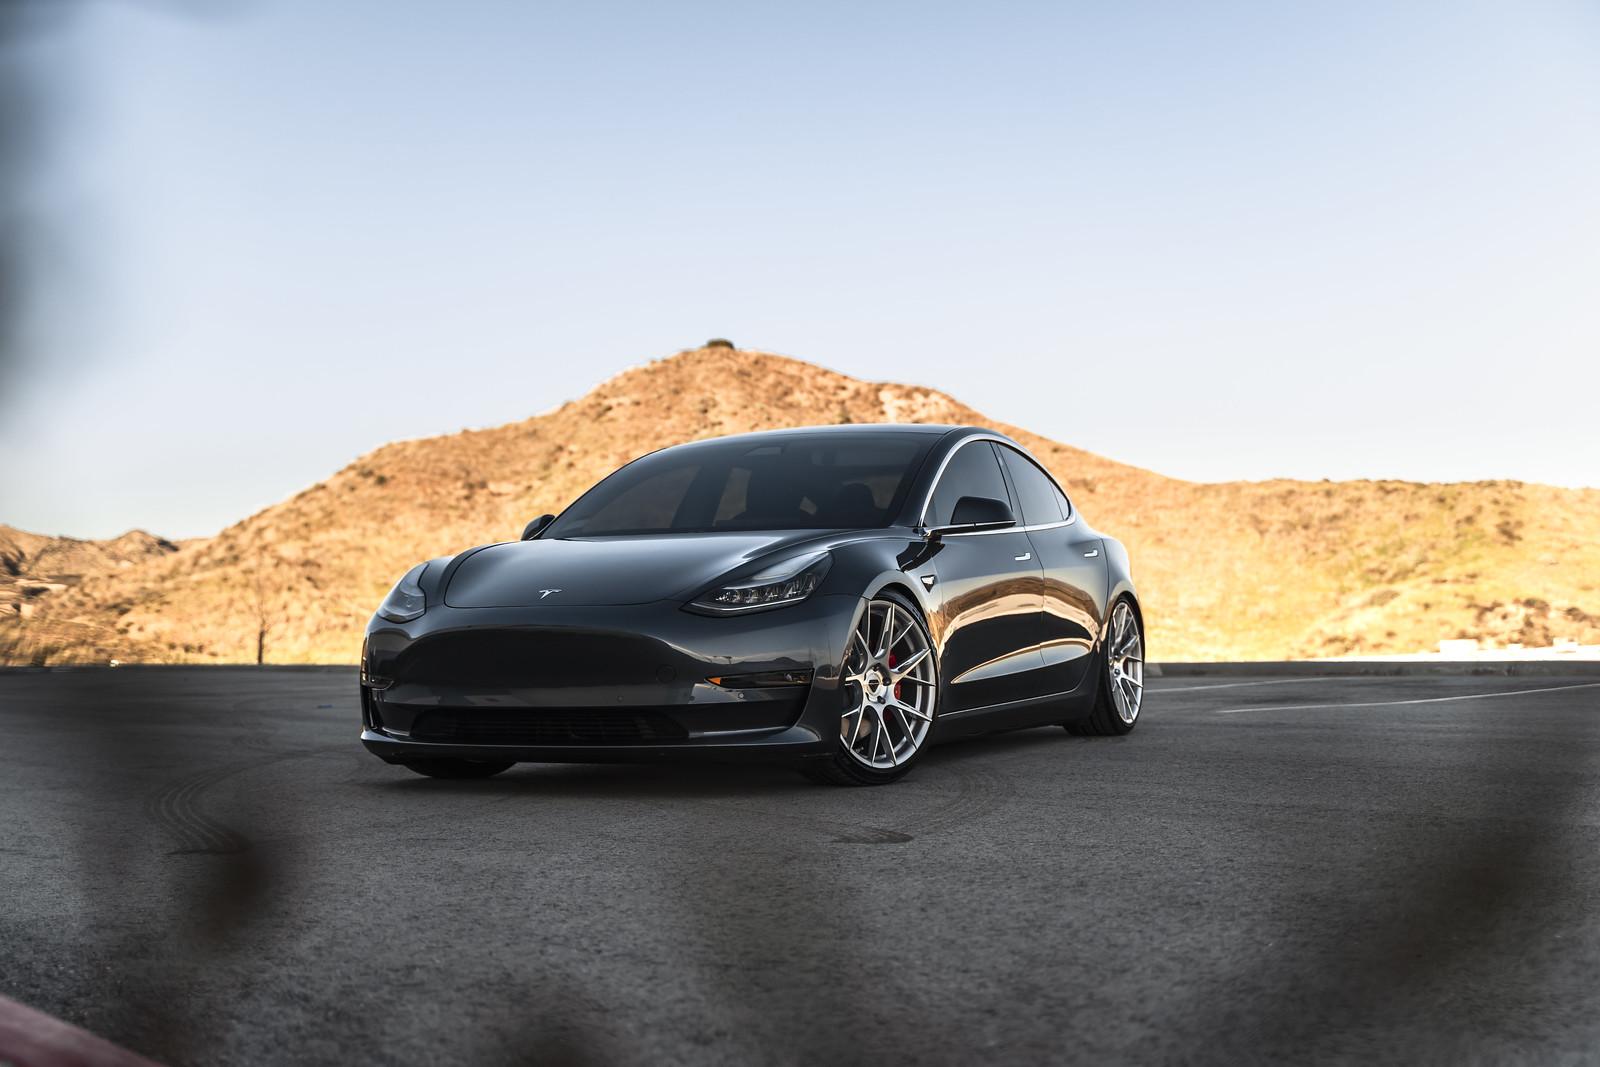 2019_Tesla_Model_3_BDF18_Brushed_Silver_7